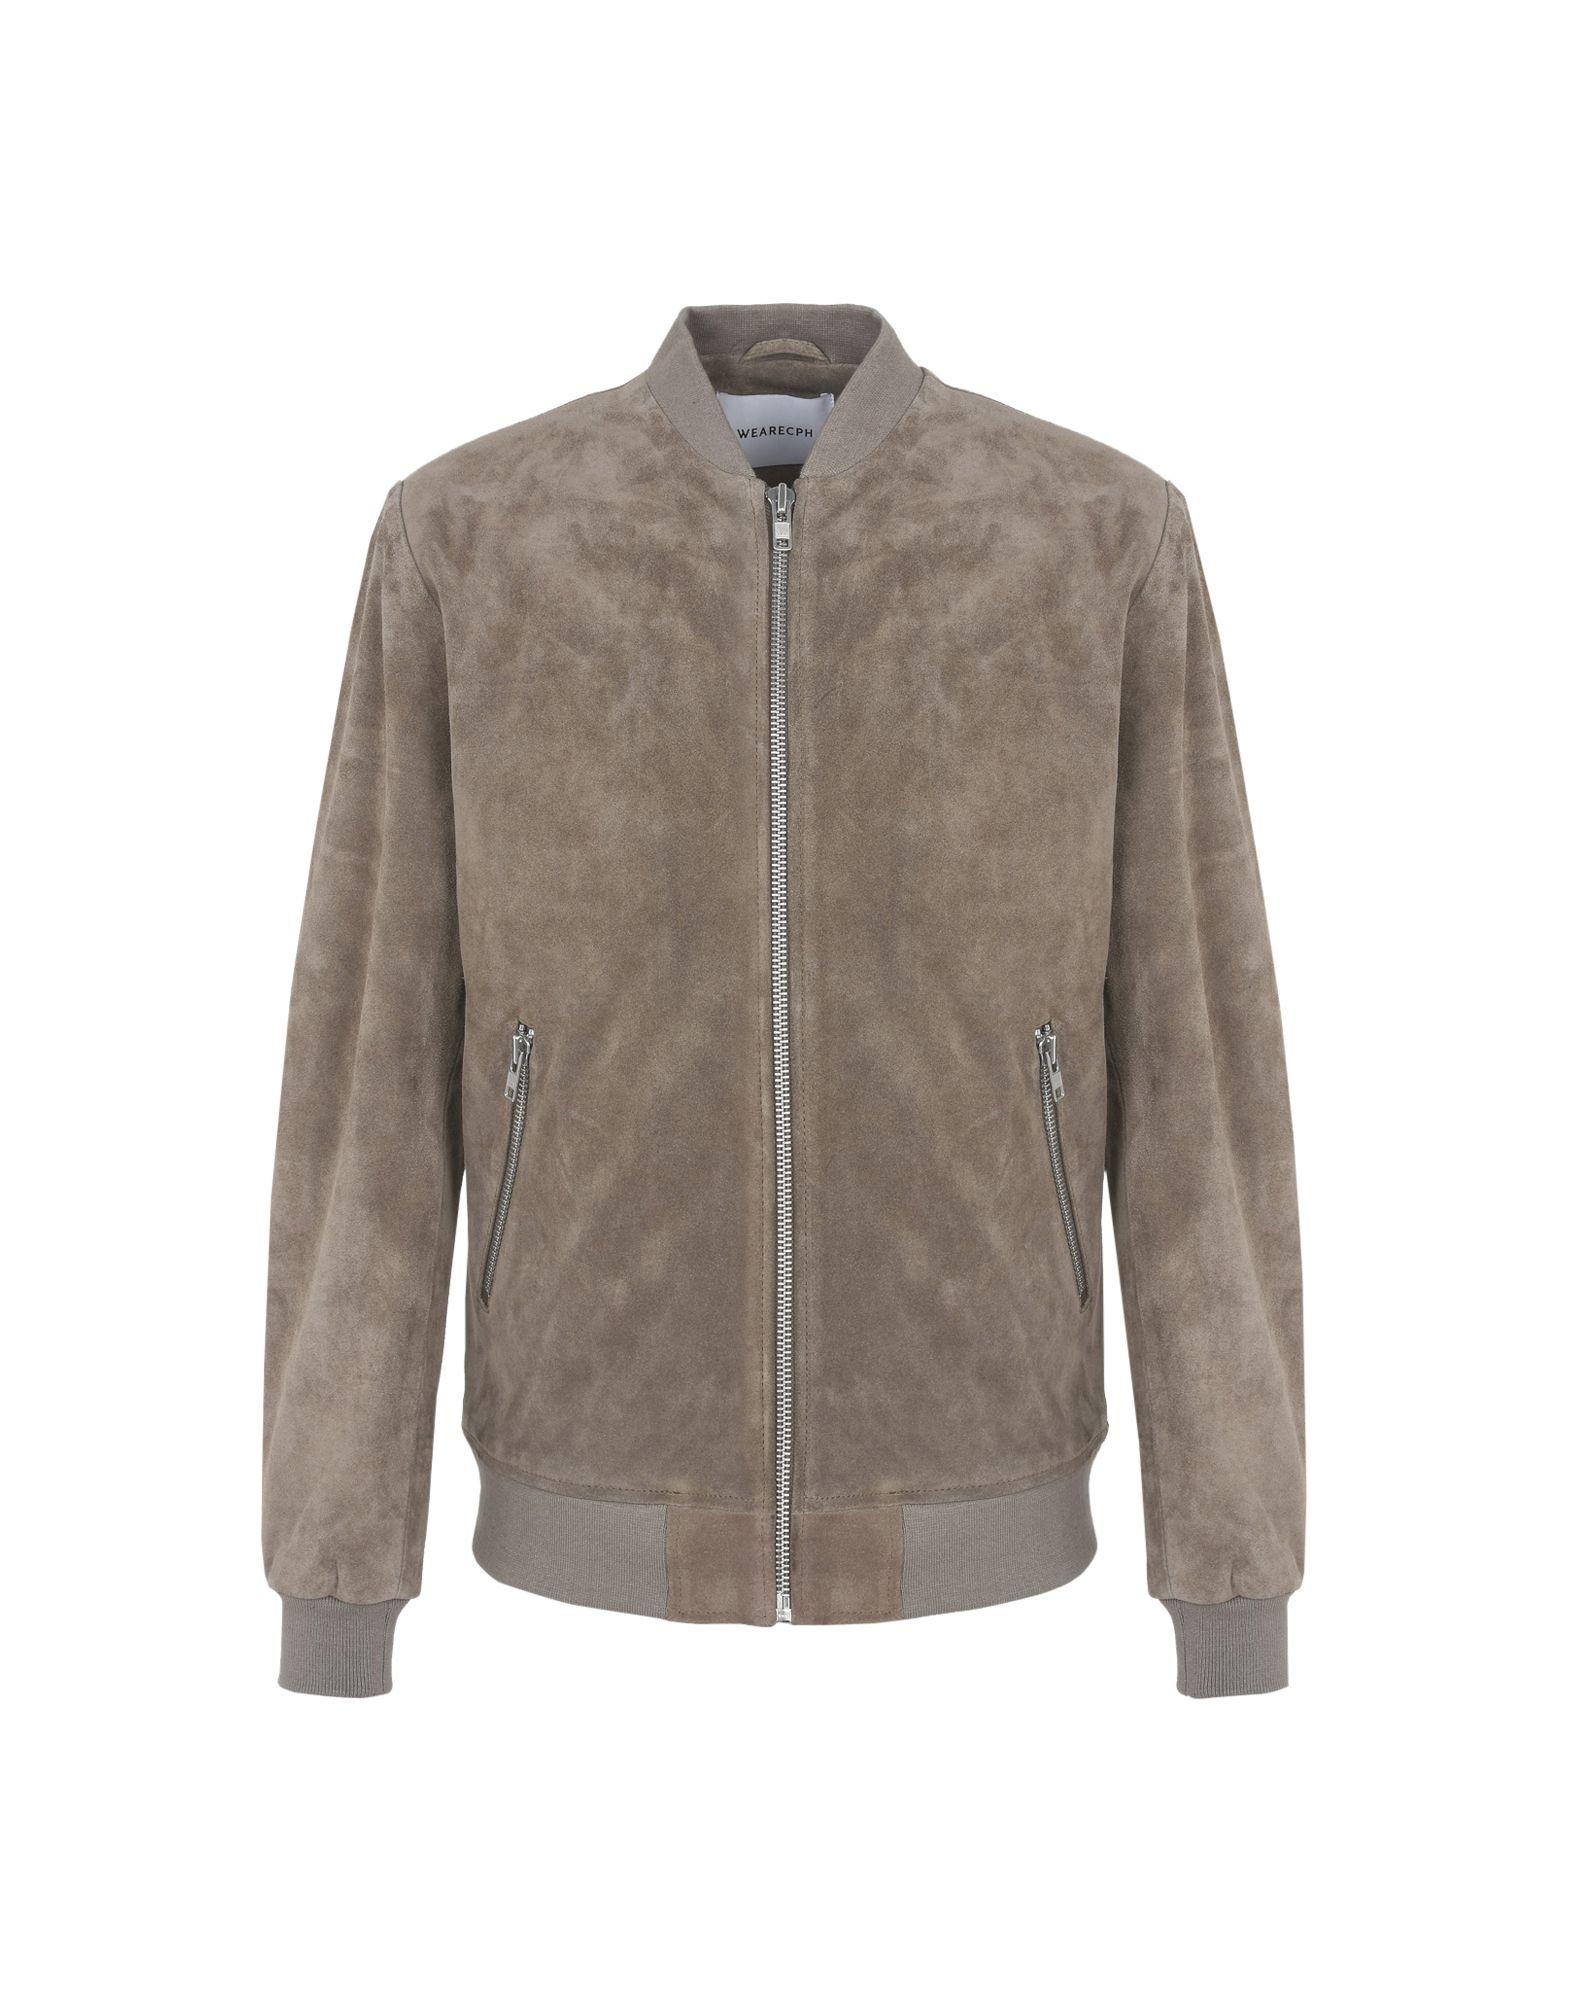 Giubbotto Pelle Wearecph Collins Jacket 570 - Donna - Acquista online su